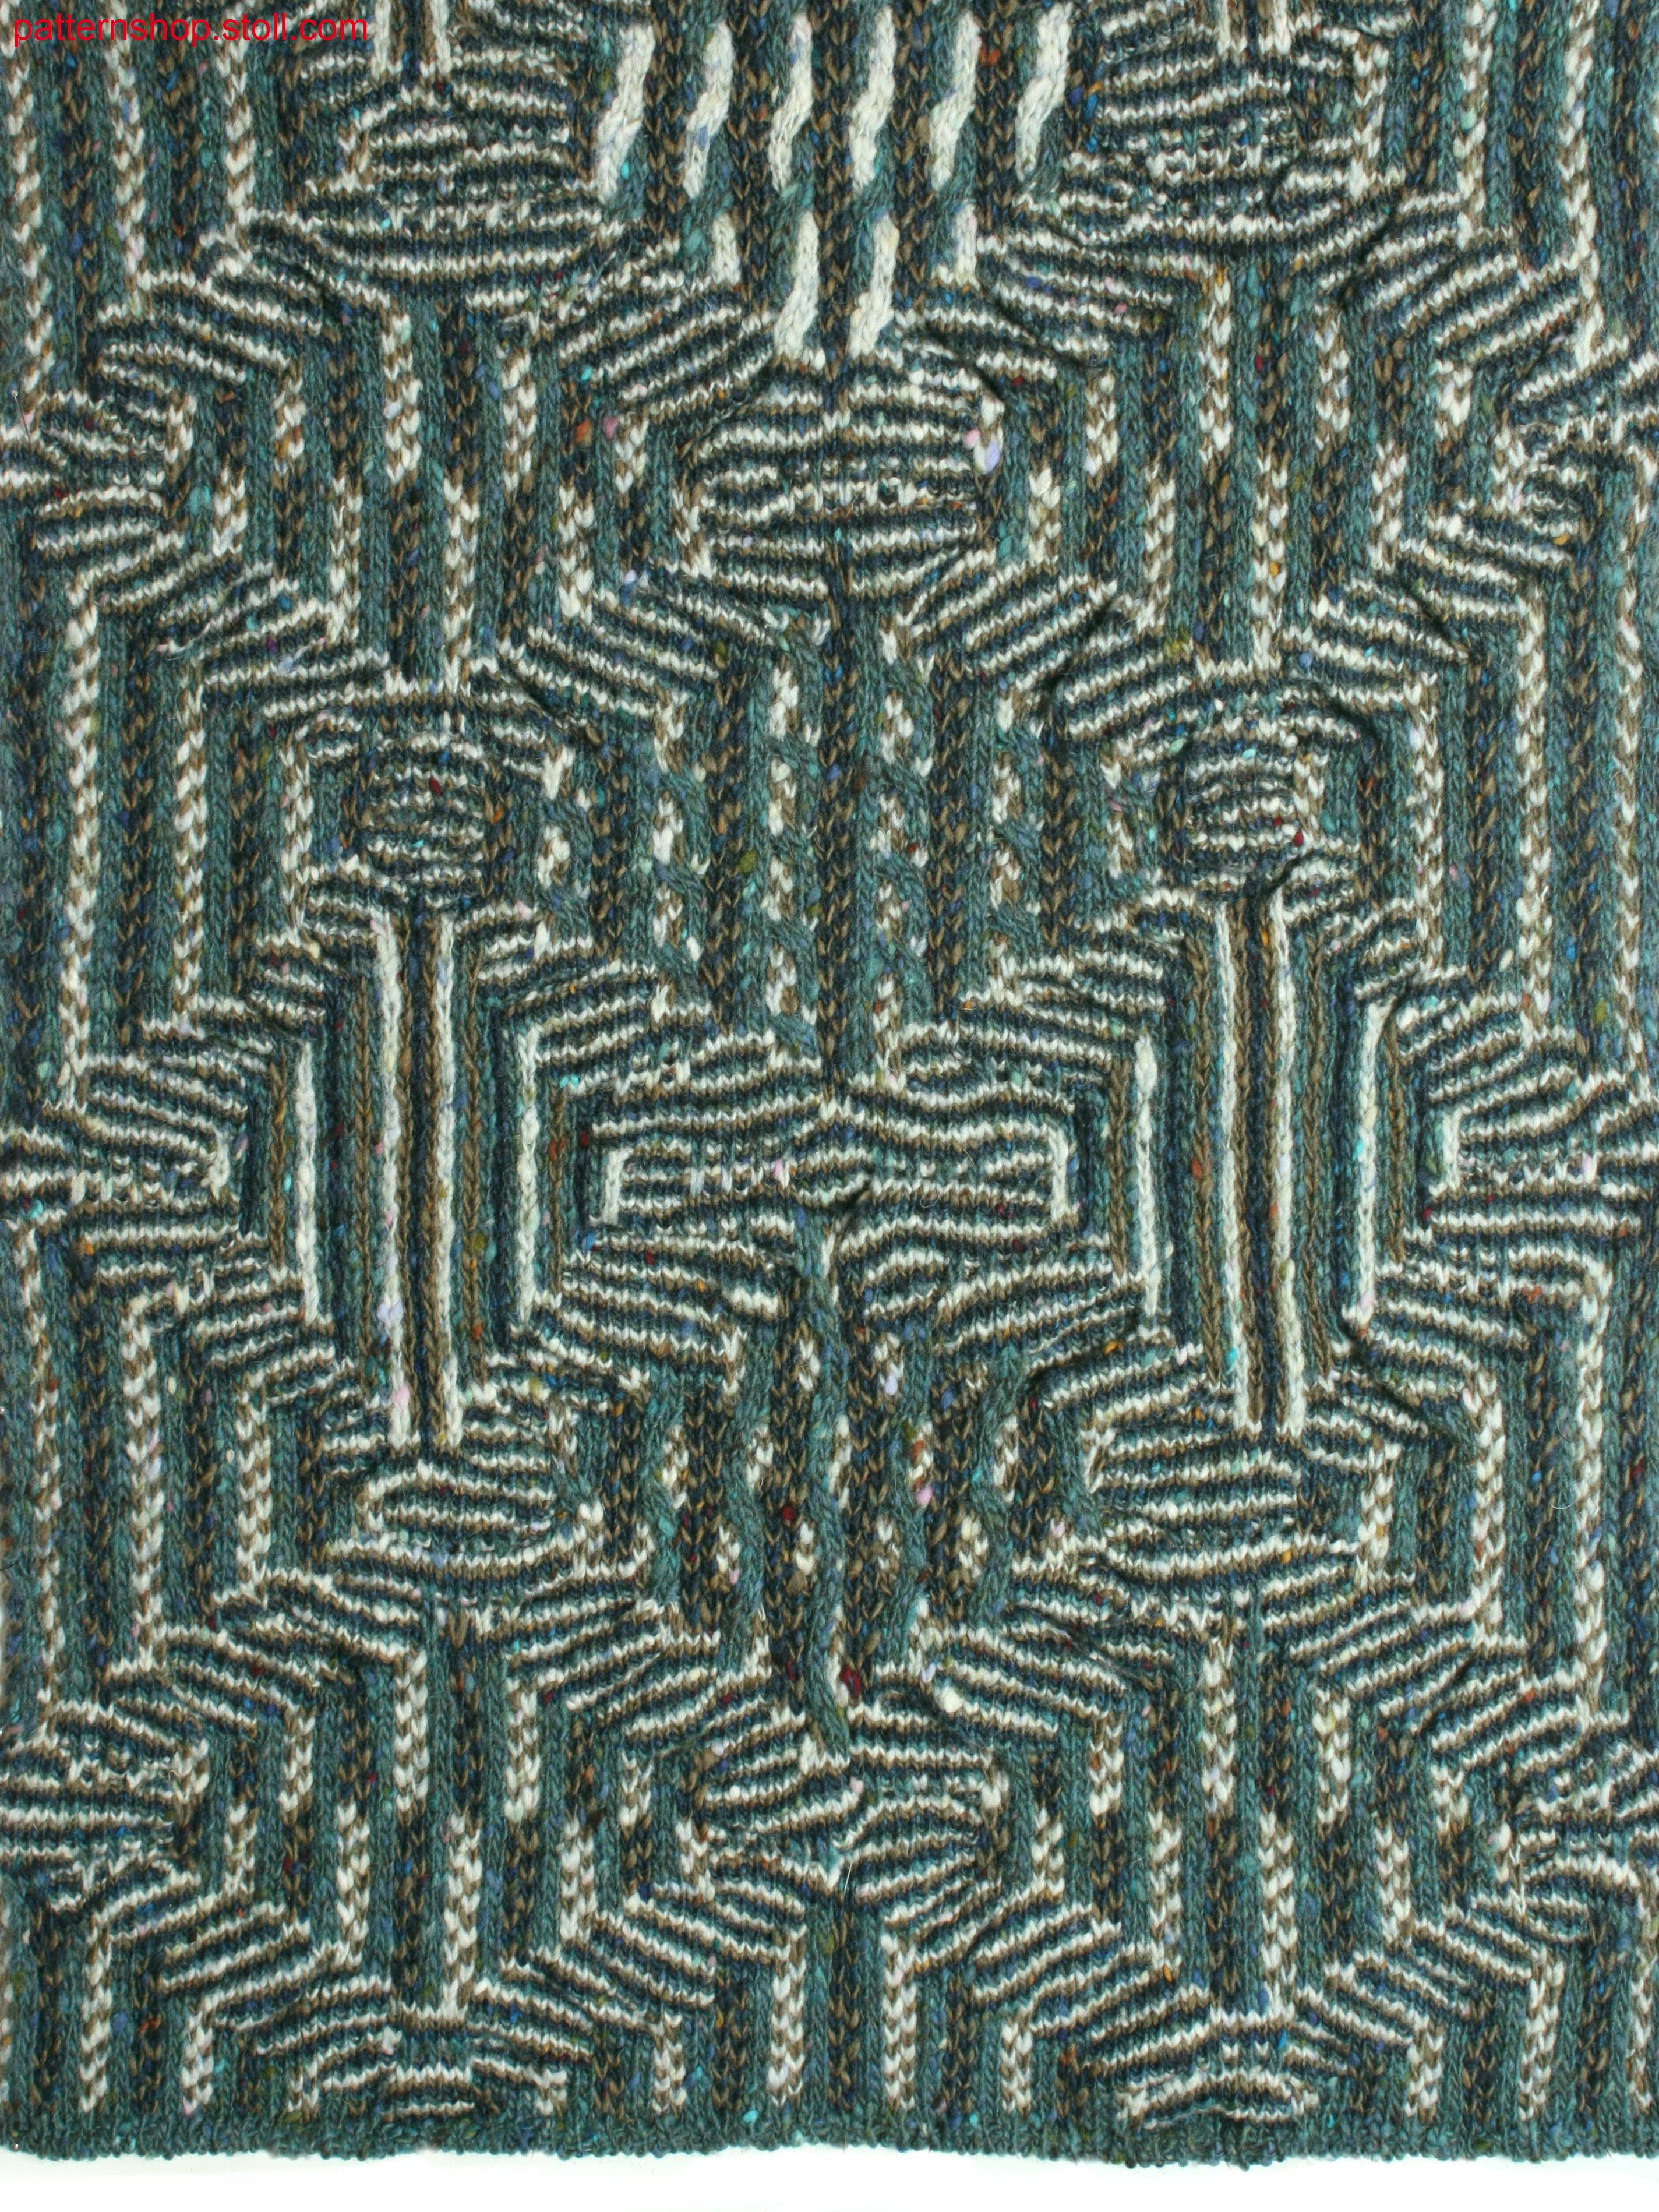 Knit Fabric Processing Pdf : Pattern stoll patternshop